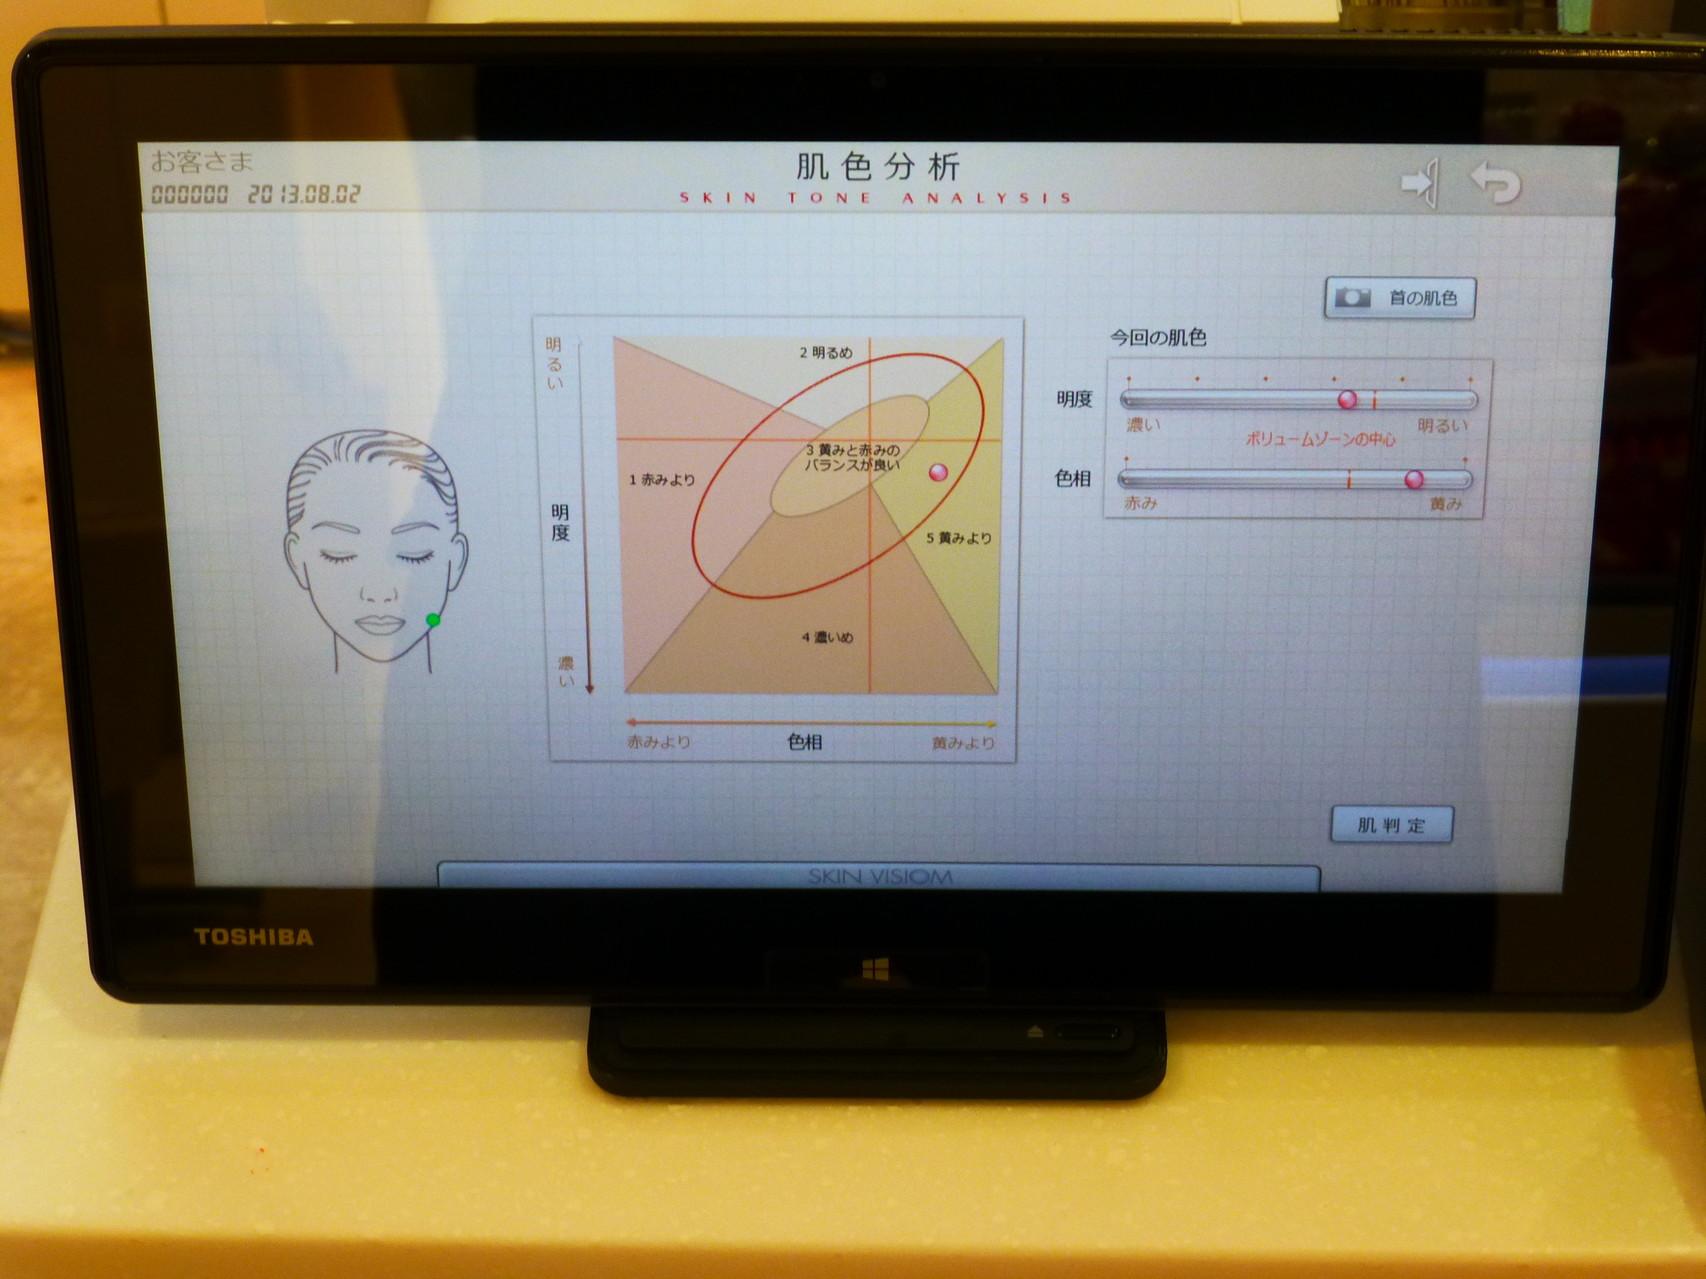 資生堂の最新肌測定器スキンビジオムⅢです。